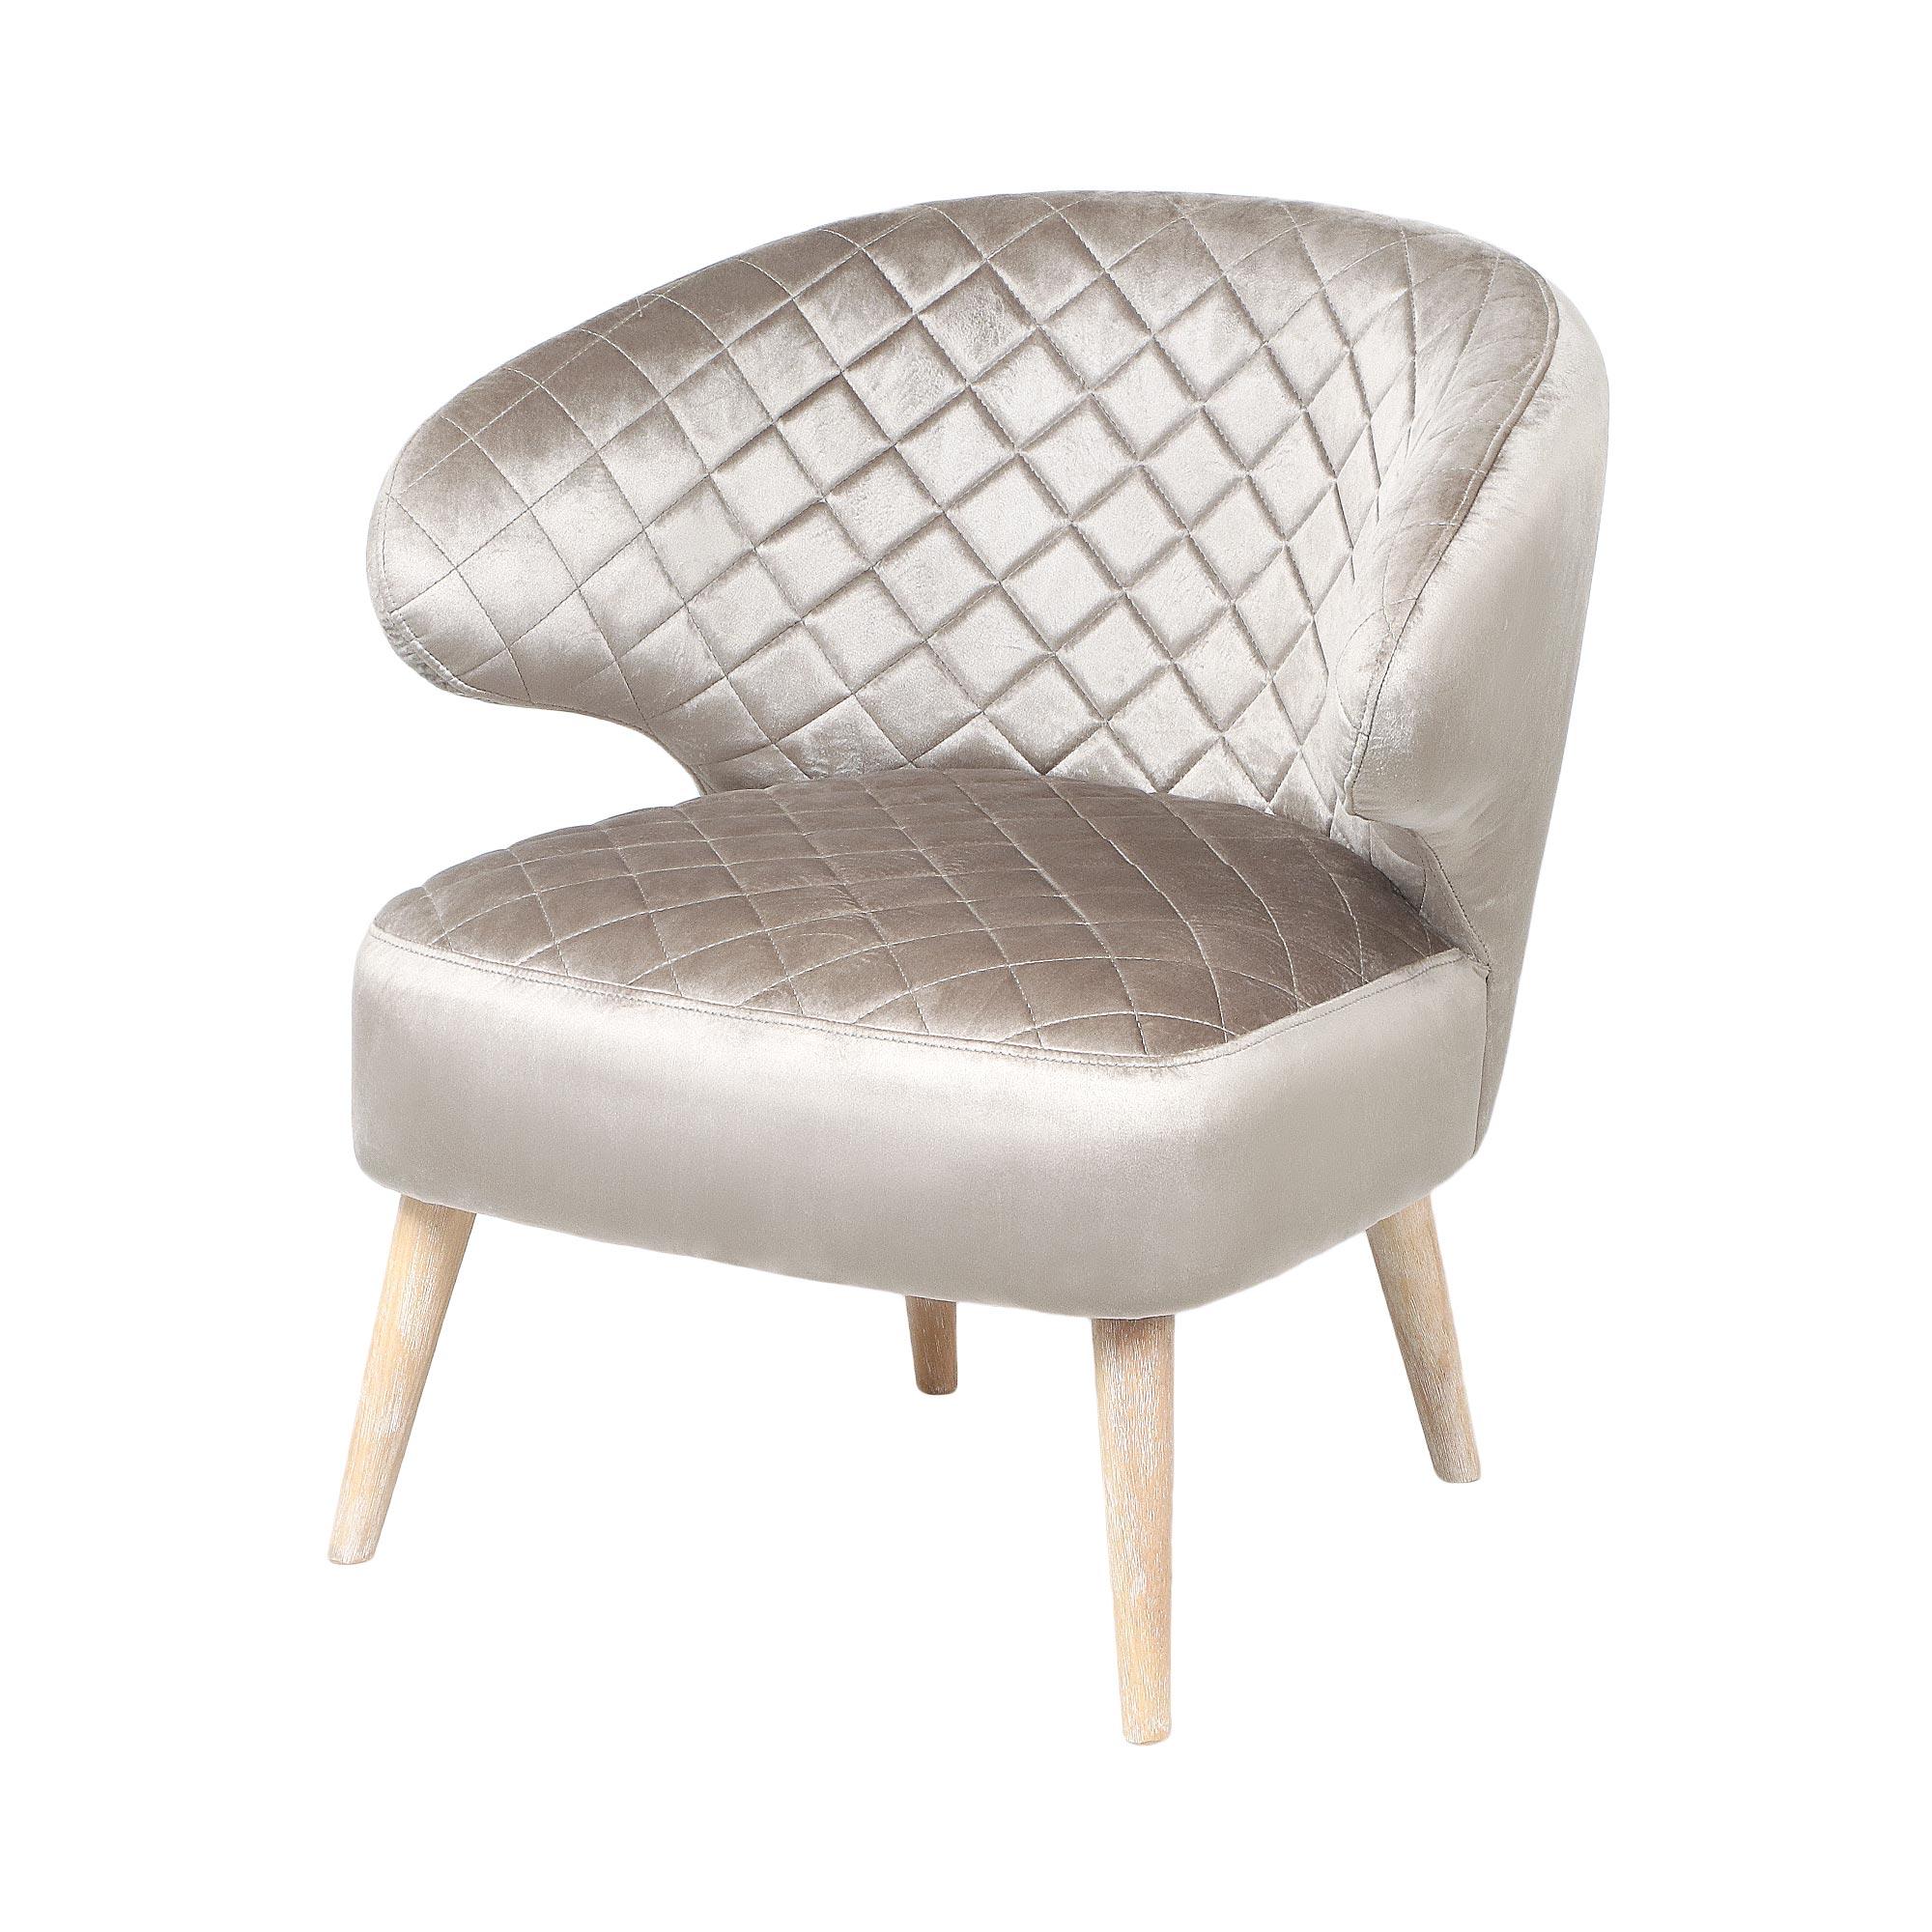 Кресло Bizzotto furniture Bertrand серо-коричневое 67х63х73/41 см